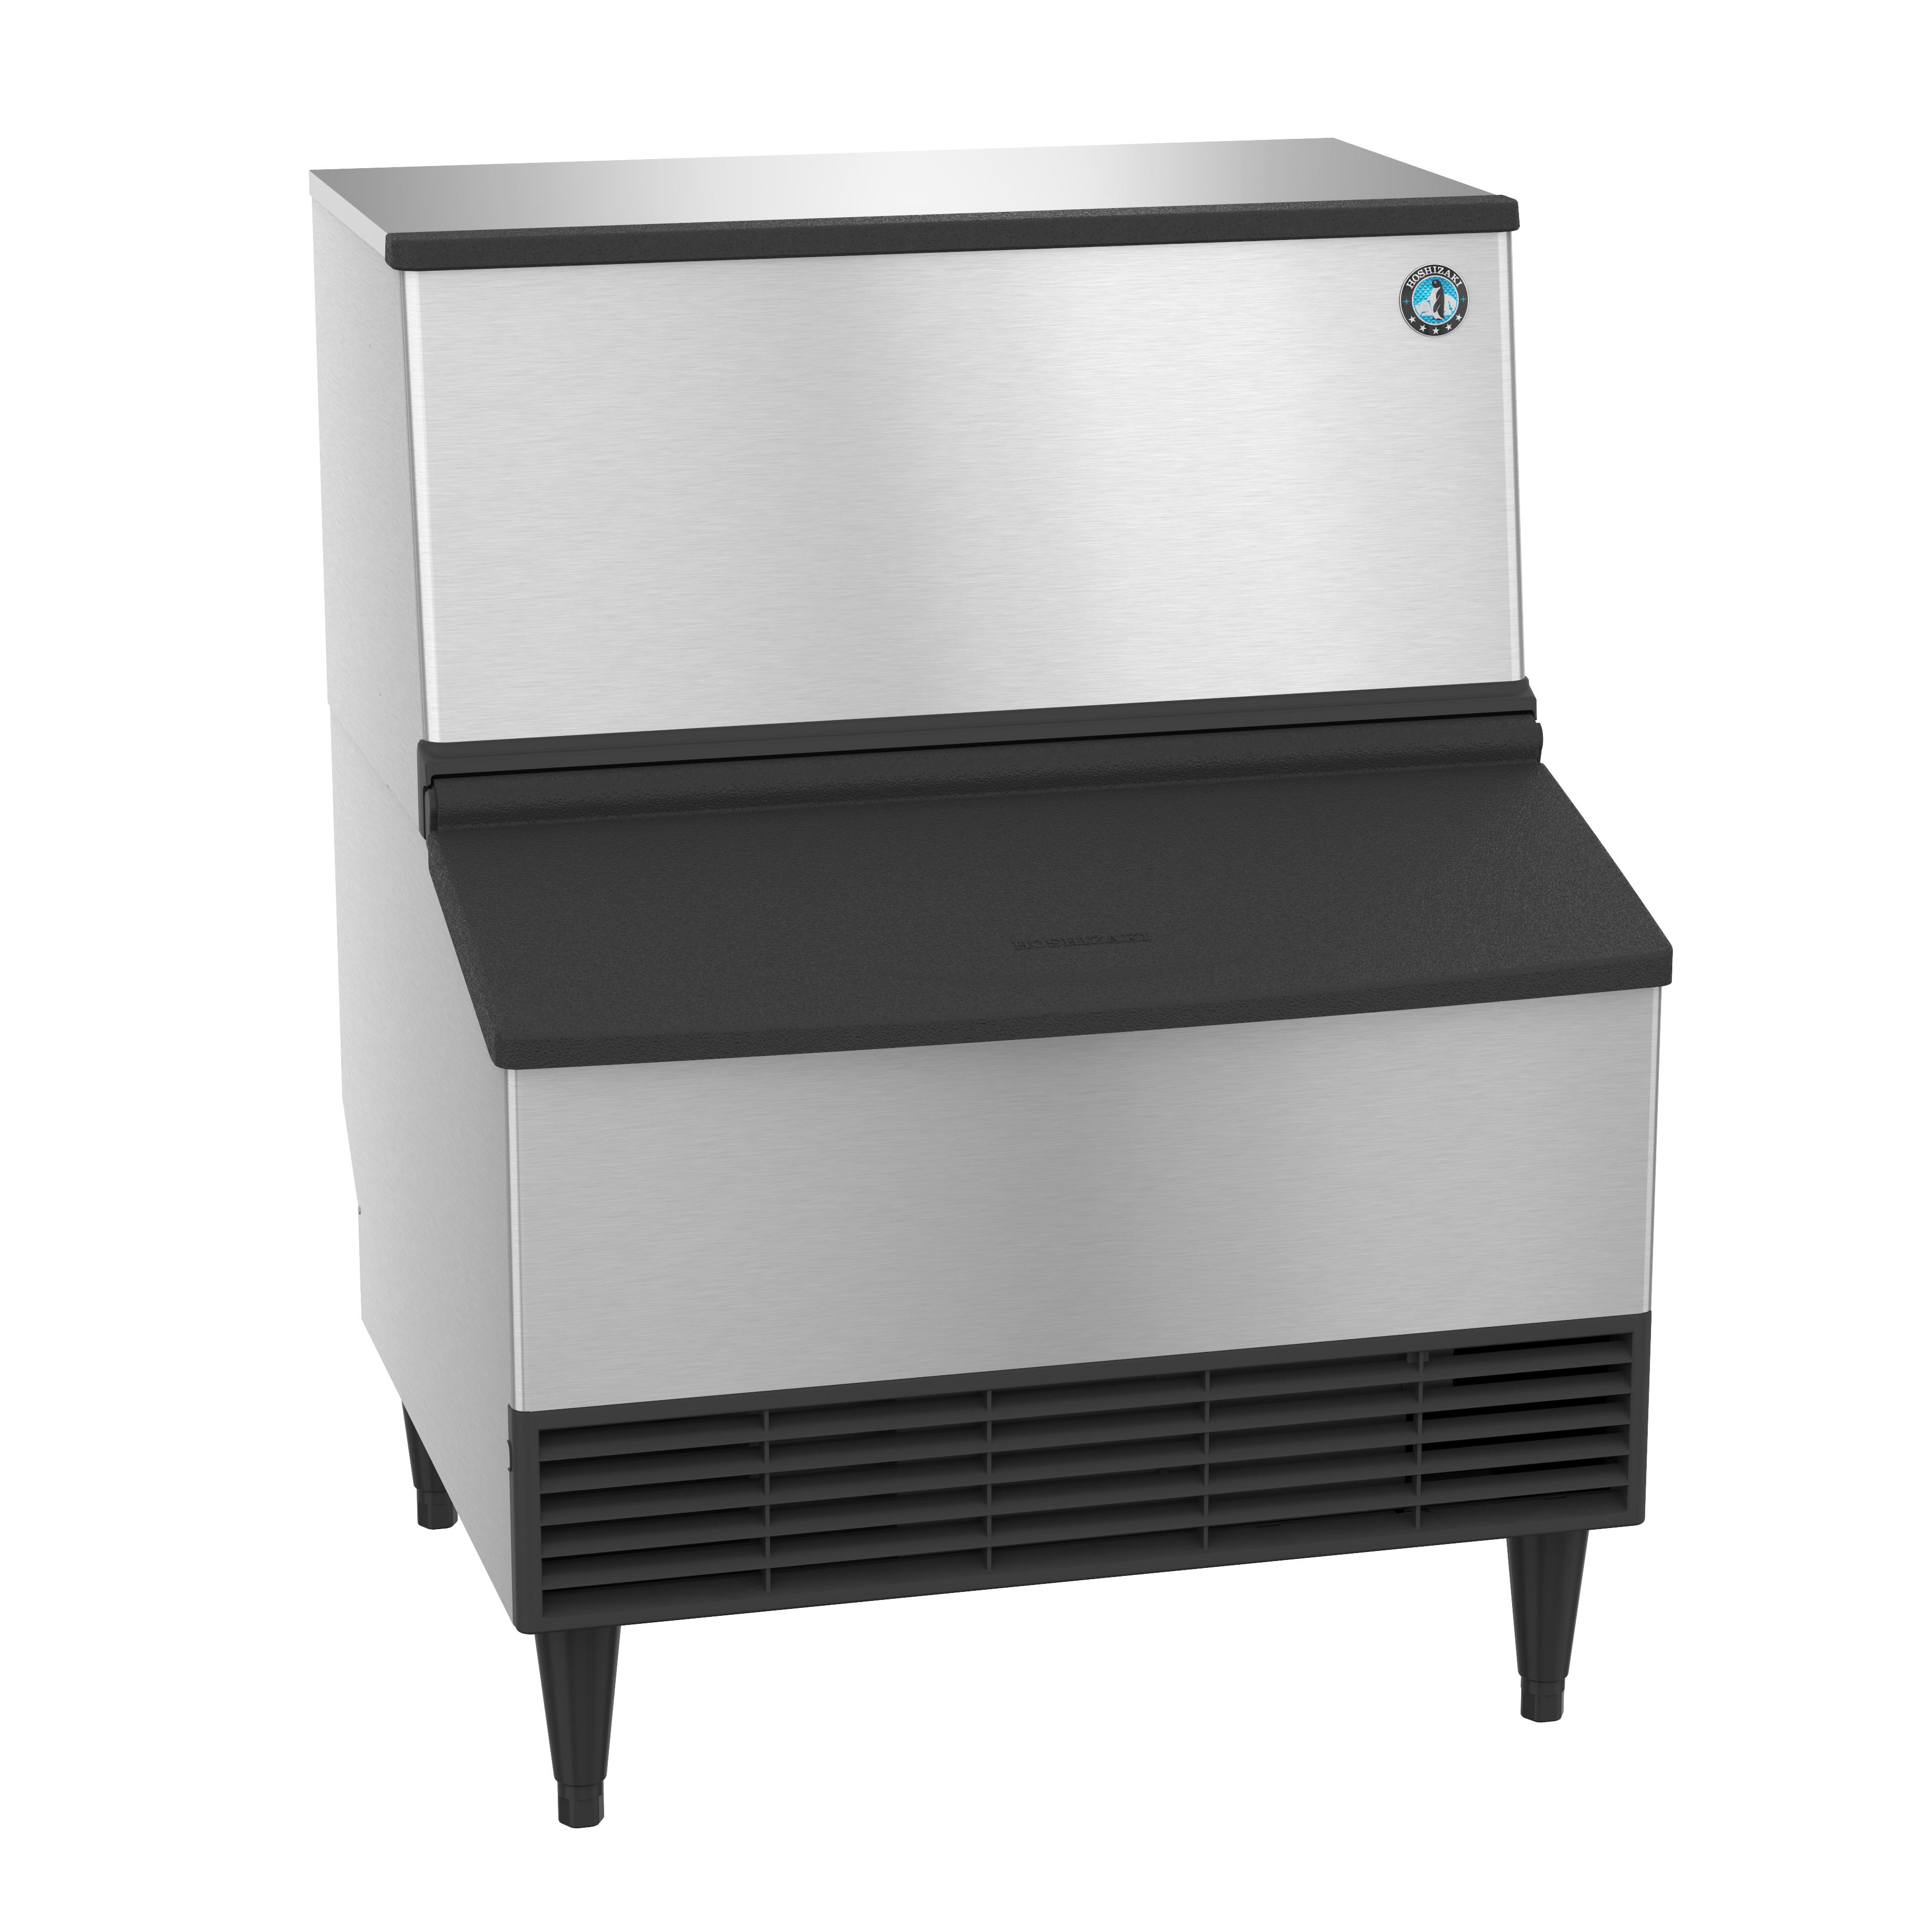 KM-300BAJ Hoshizaki ice cubers, ice storage & ice dispensers